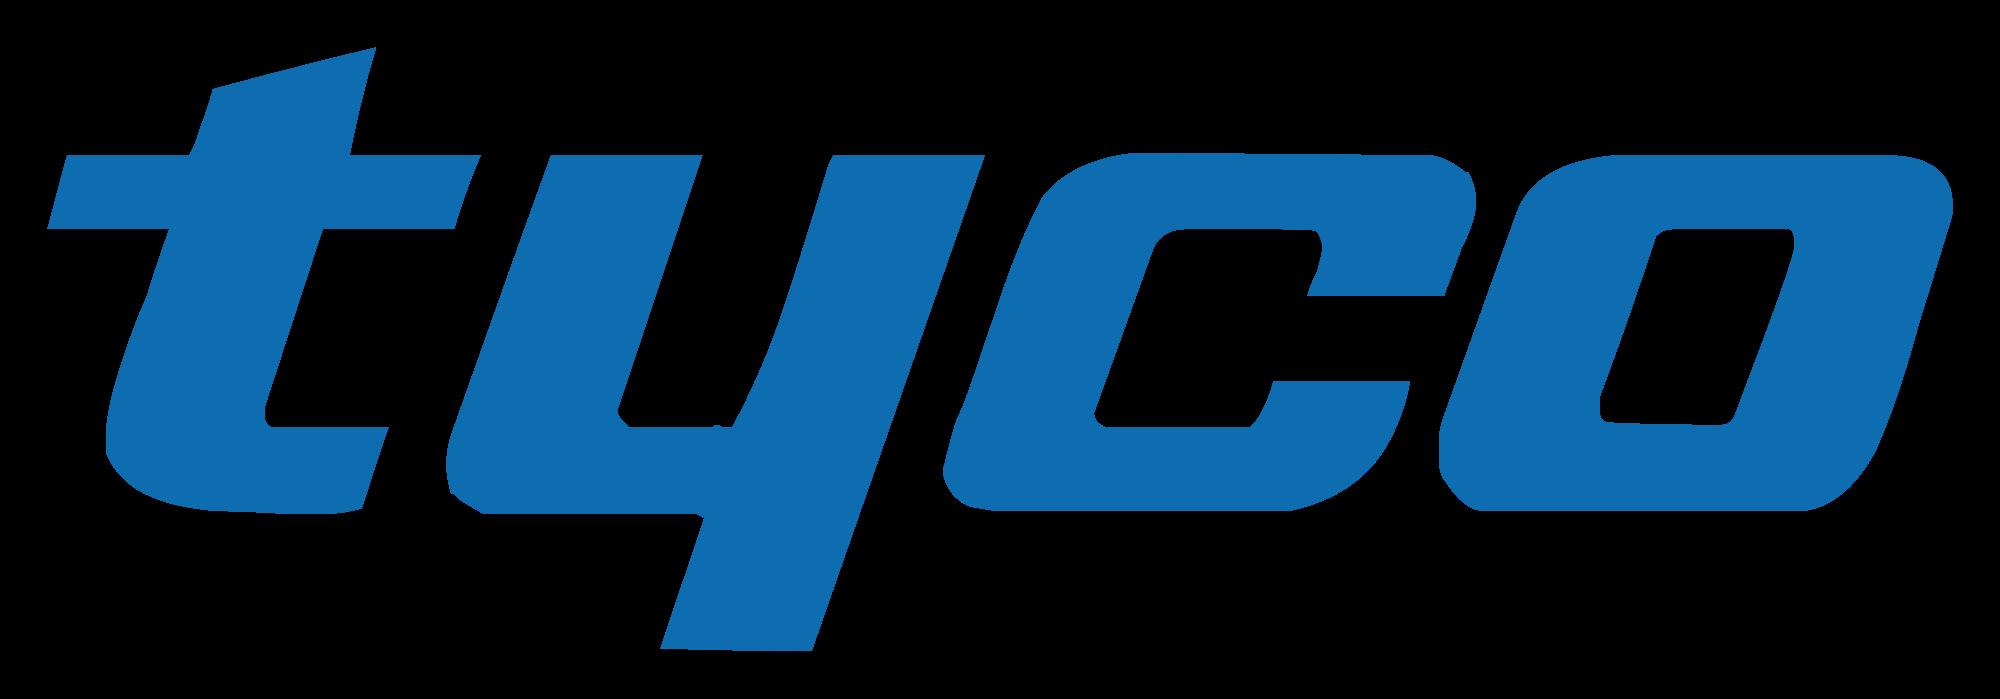 Tyco-Electronics-logo